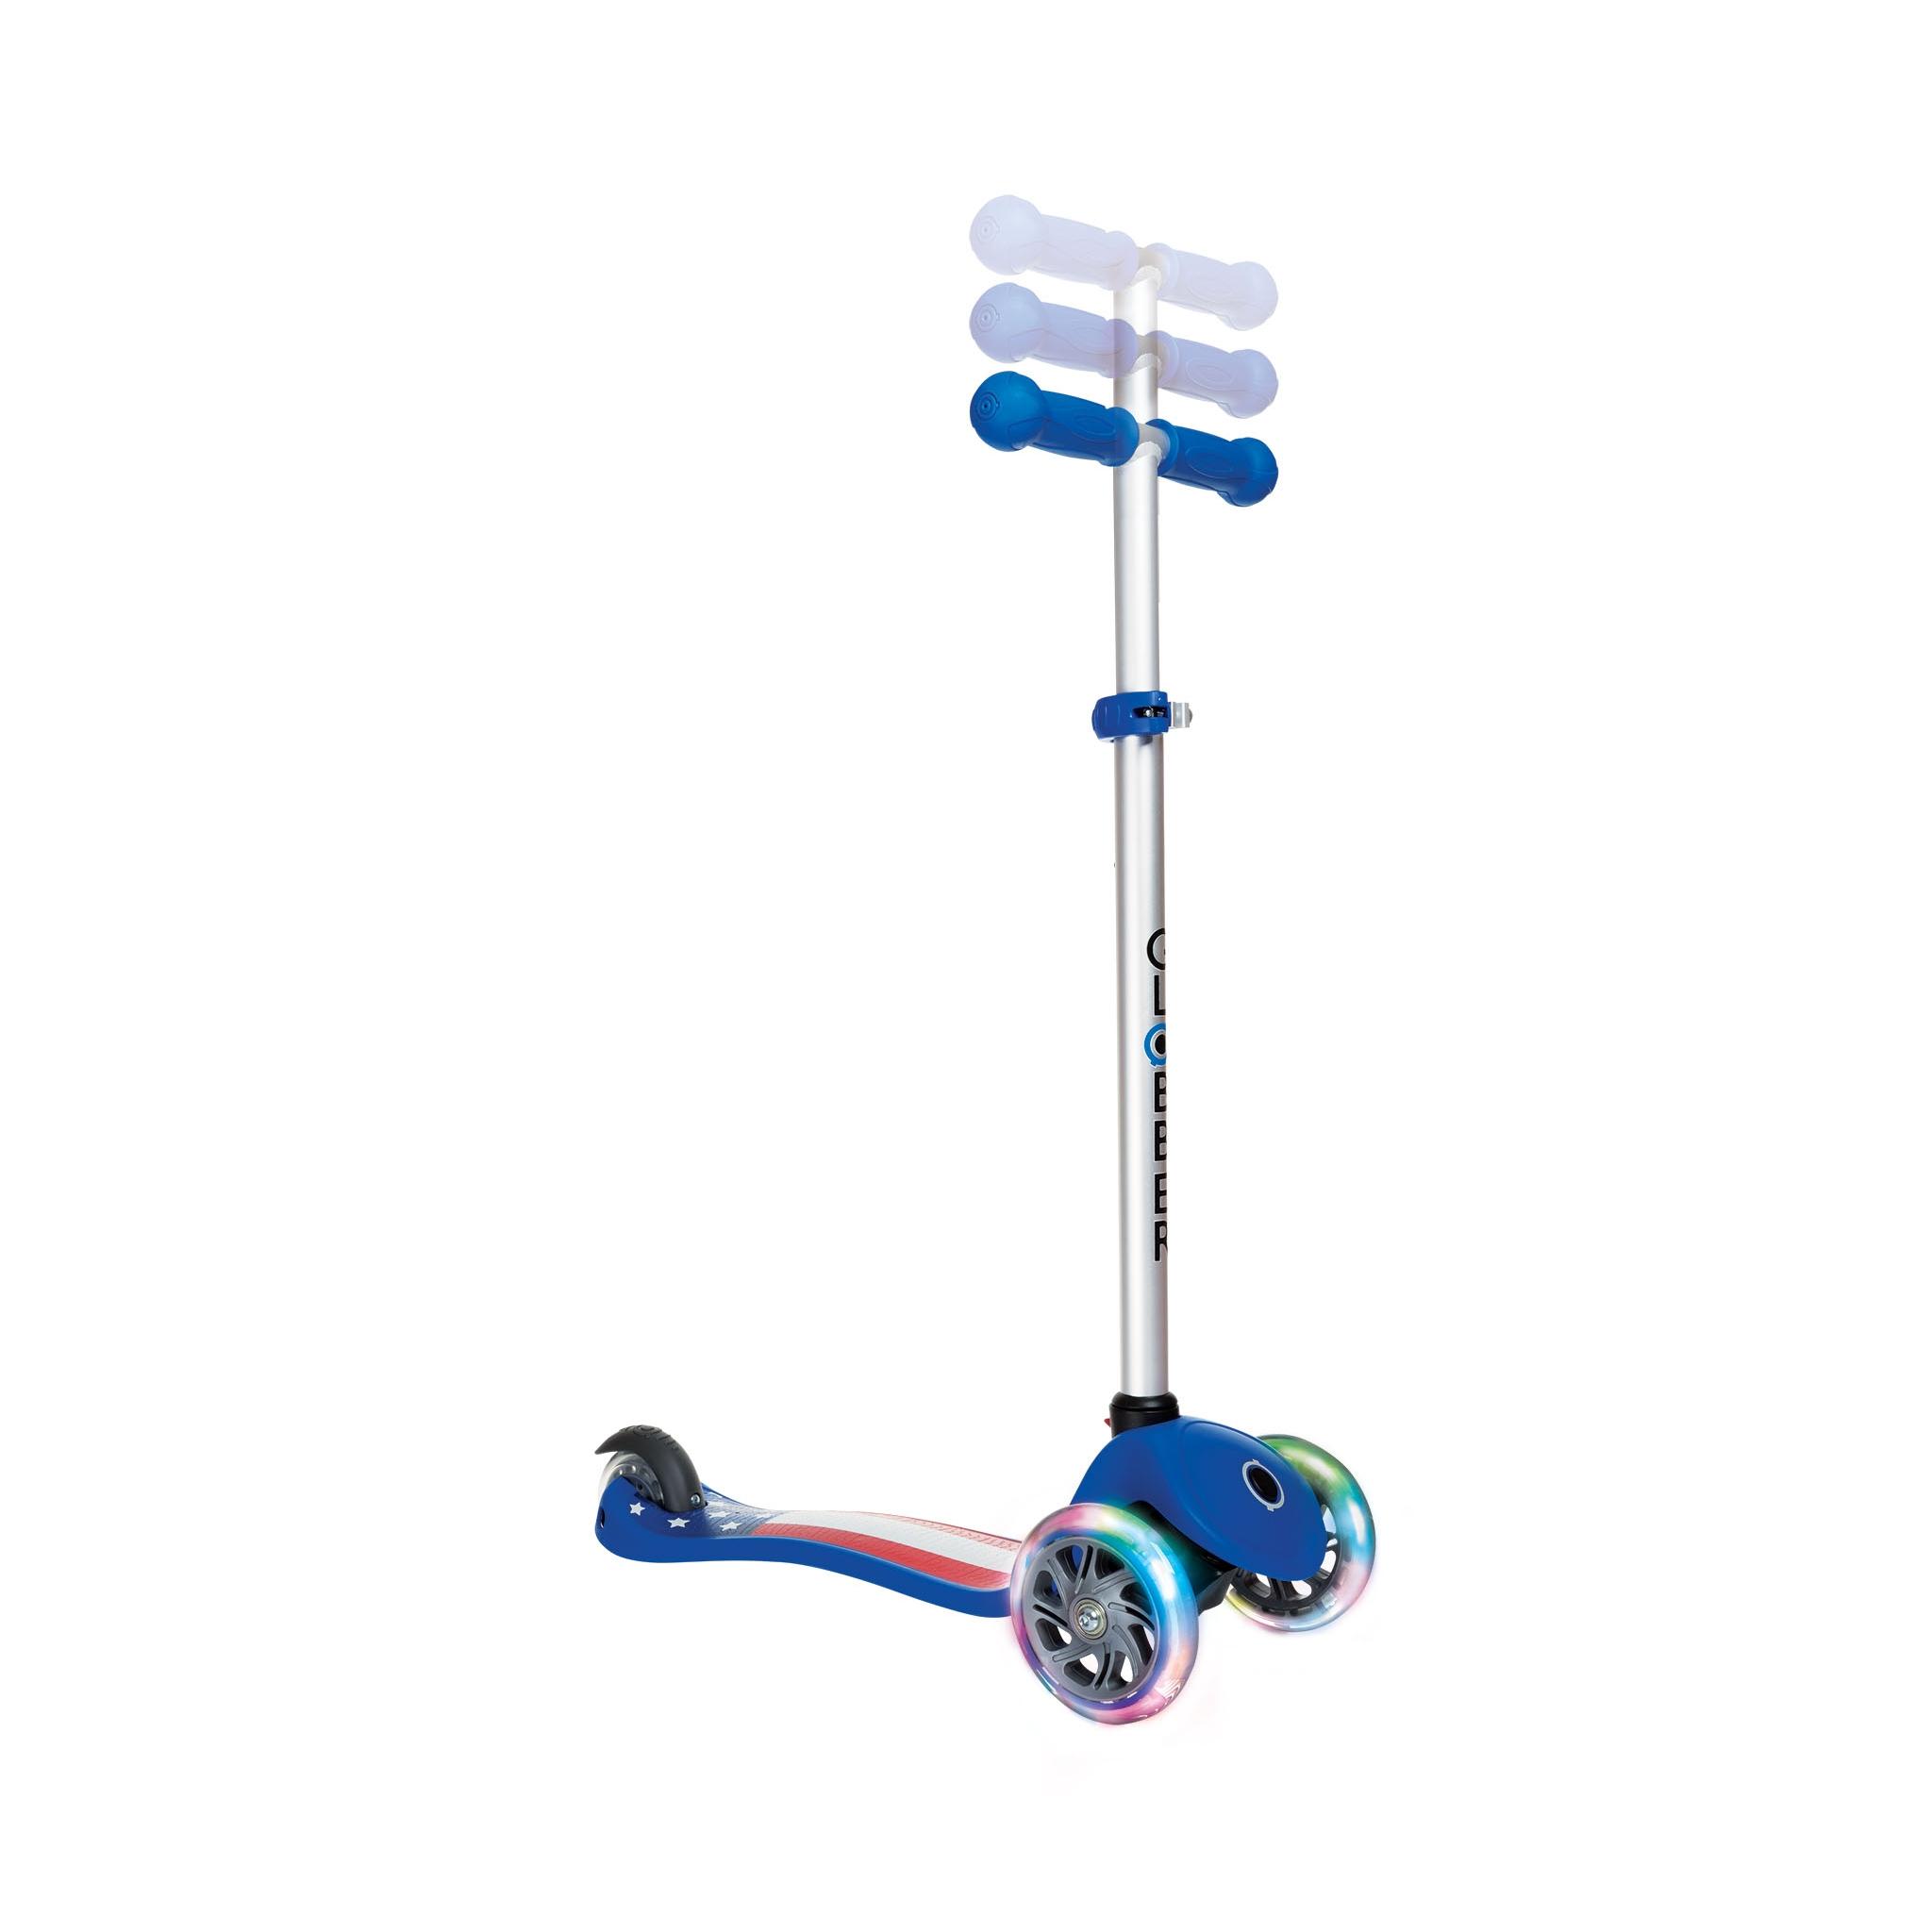 3 wheel light up scooter - Globber PRIMO FANTASY LIGHTS 1